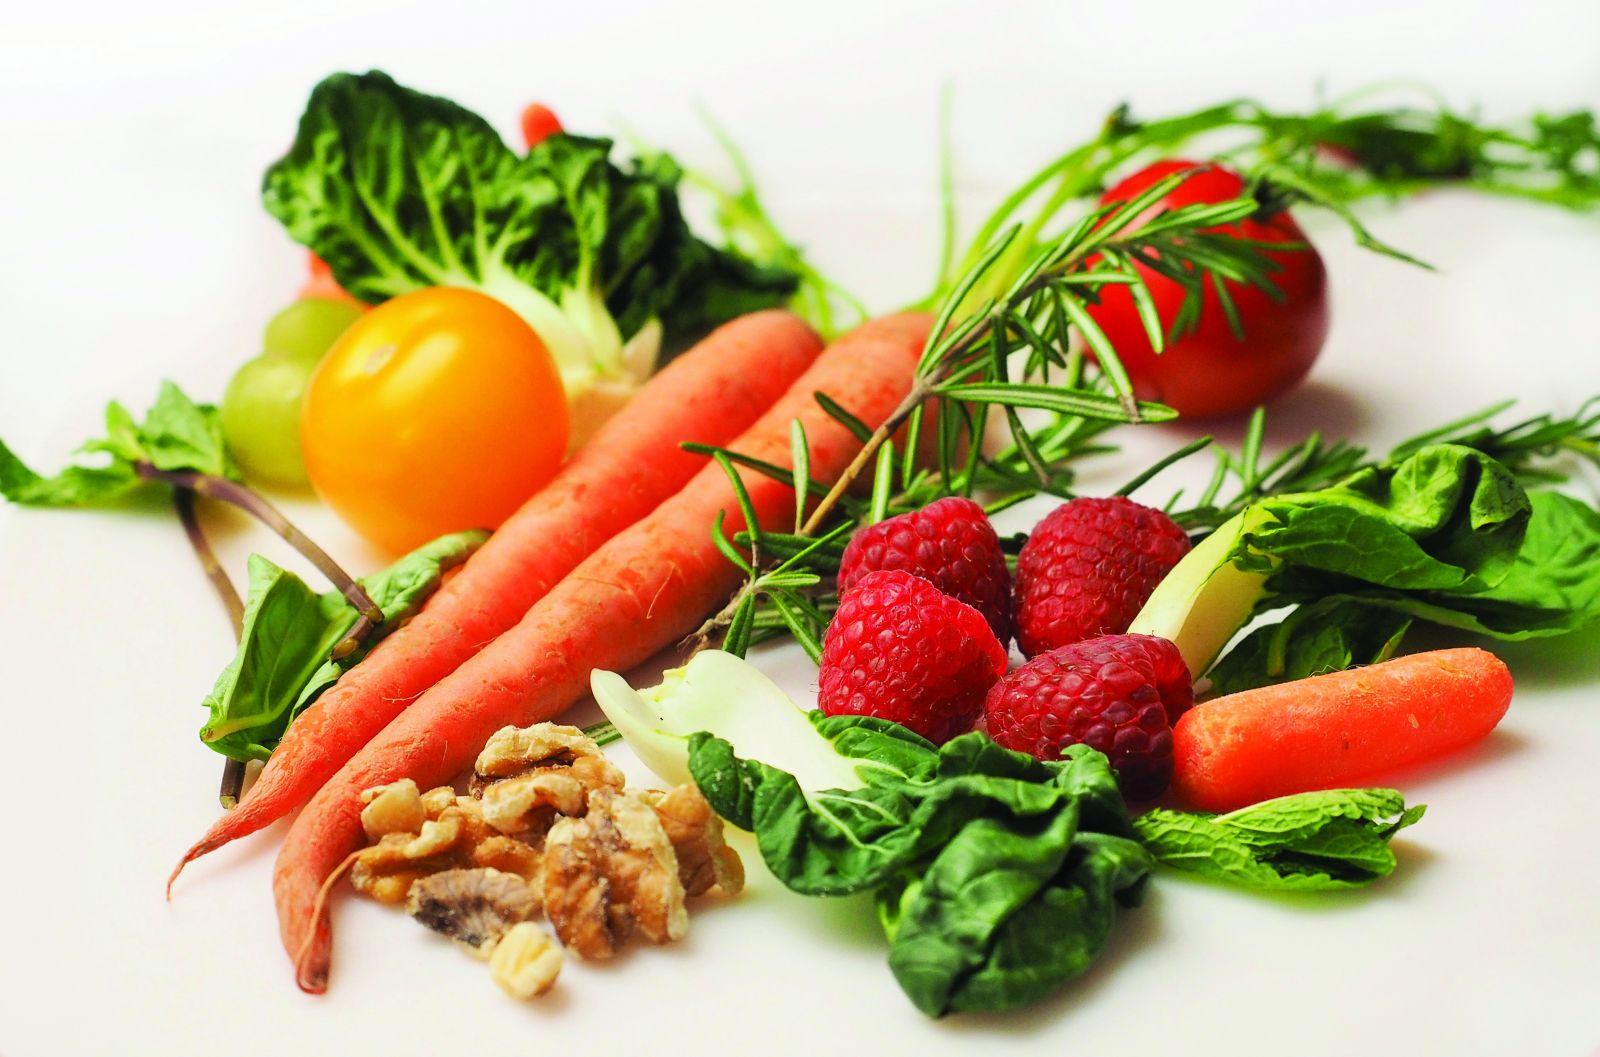 Veganas nuo gimimo: užtikrinta sveikata ar pavojingas eksperimentas?   tralistas.lt